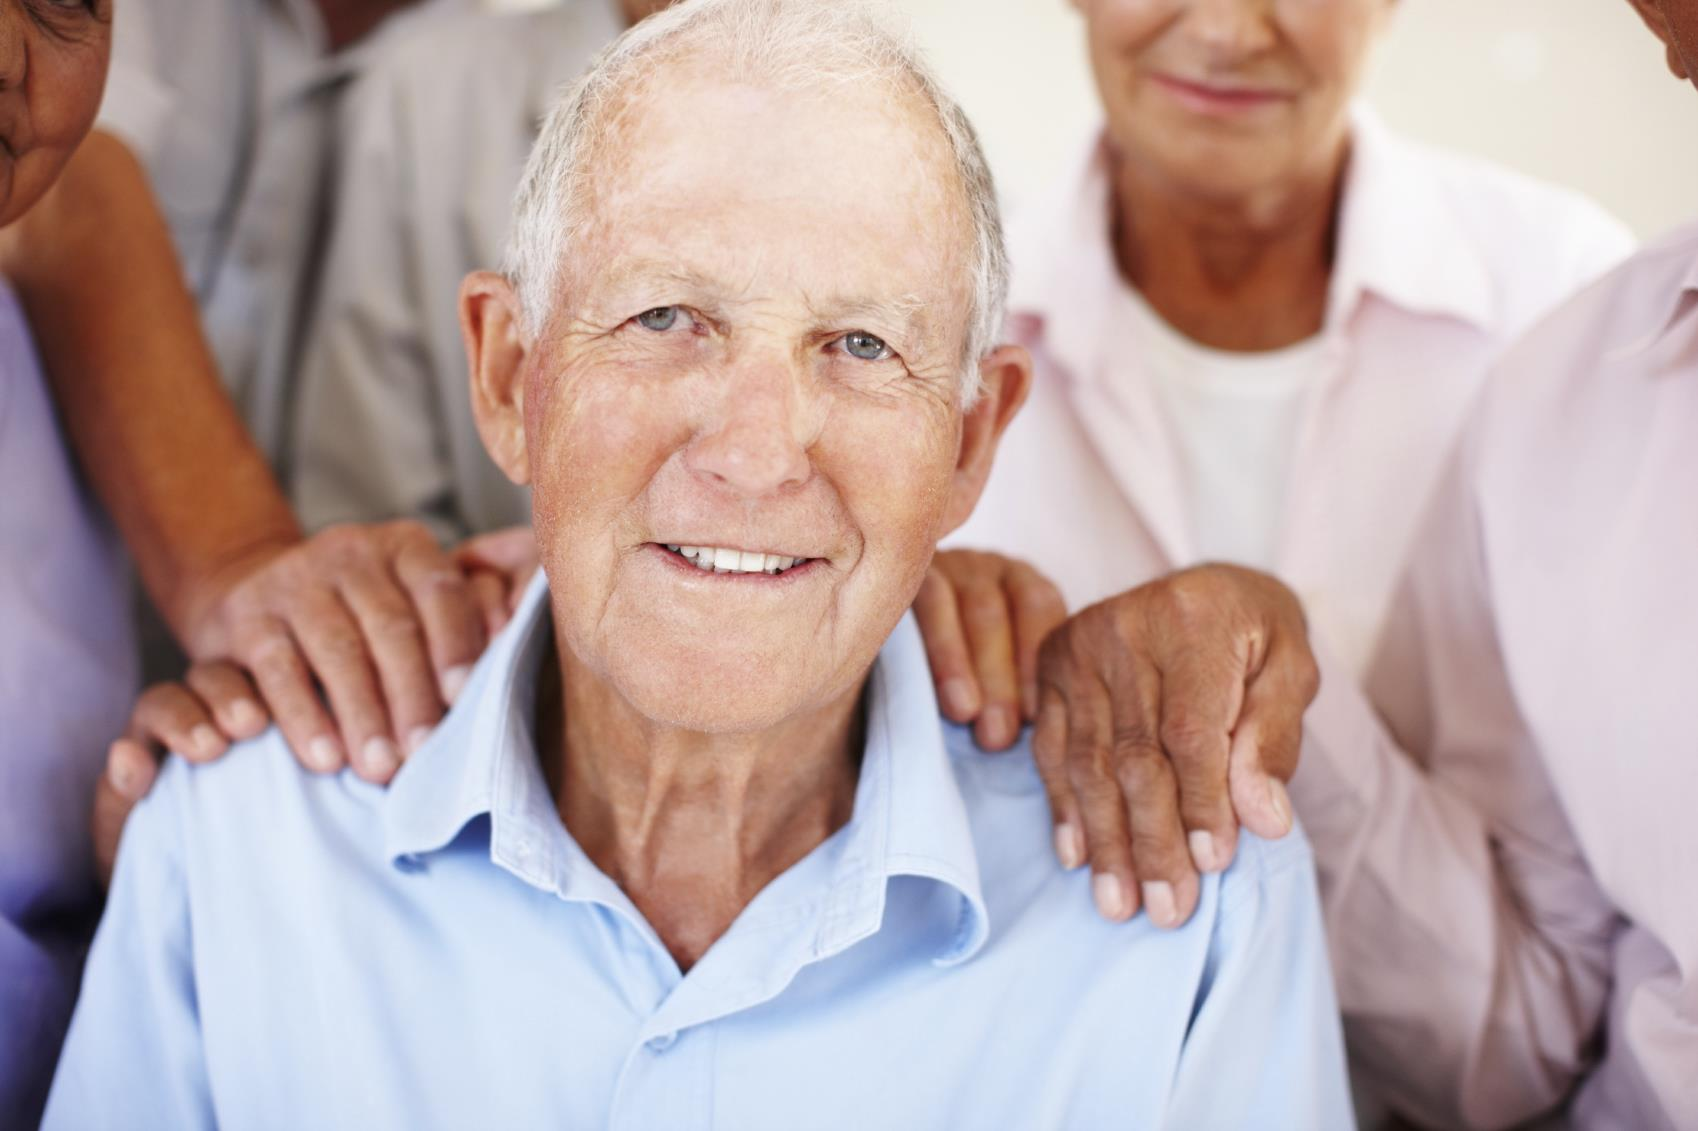 Cuidar a los mayores en casa 02 | Maid in Barcelona